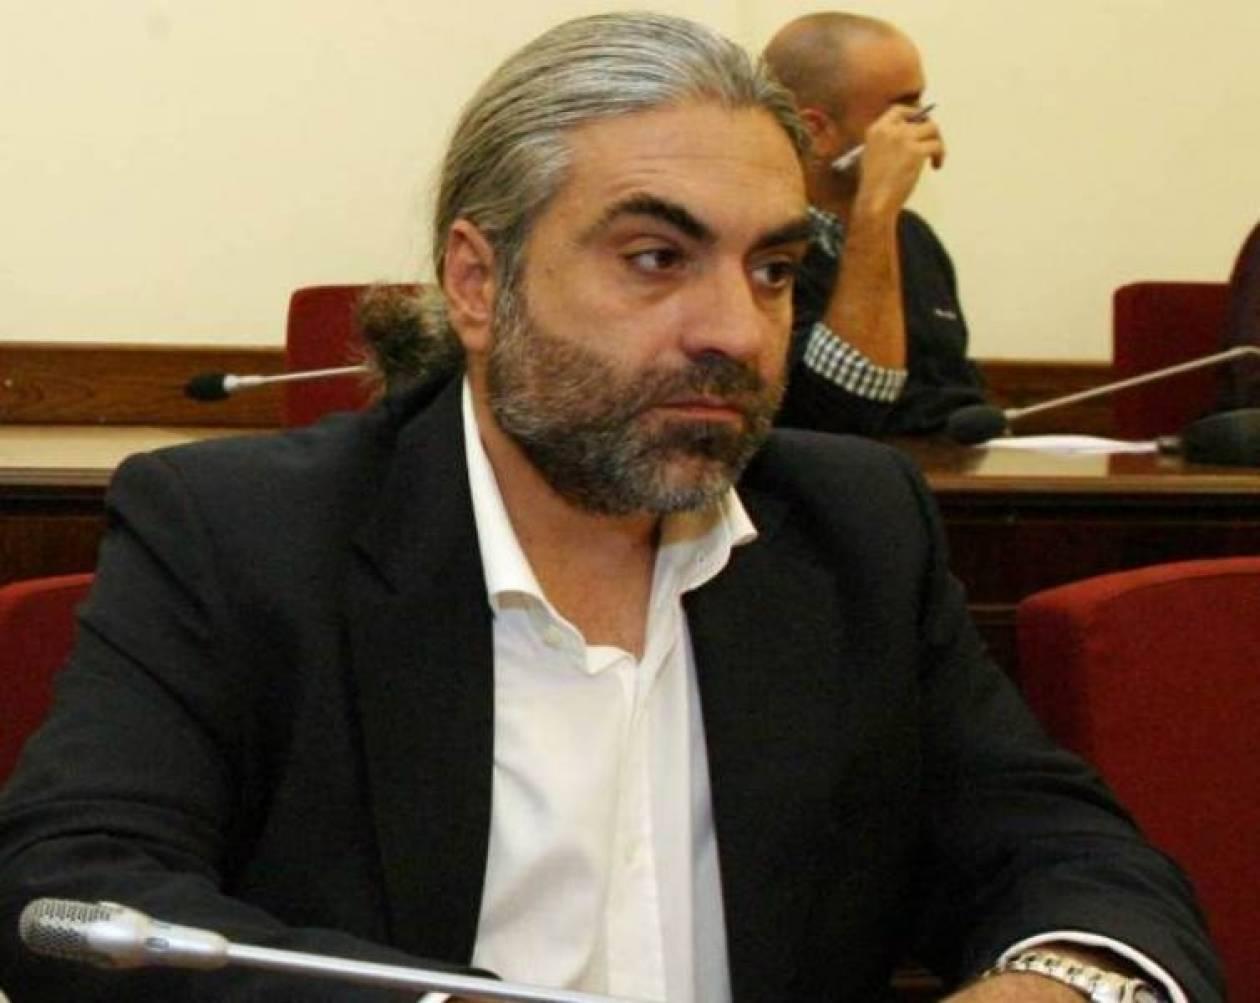 Χρ. Αλεξόπουλος: Δεν έχω καμία σχέση με την εγκληματική δράση της ΧΑ